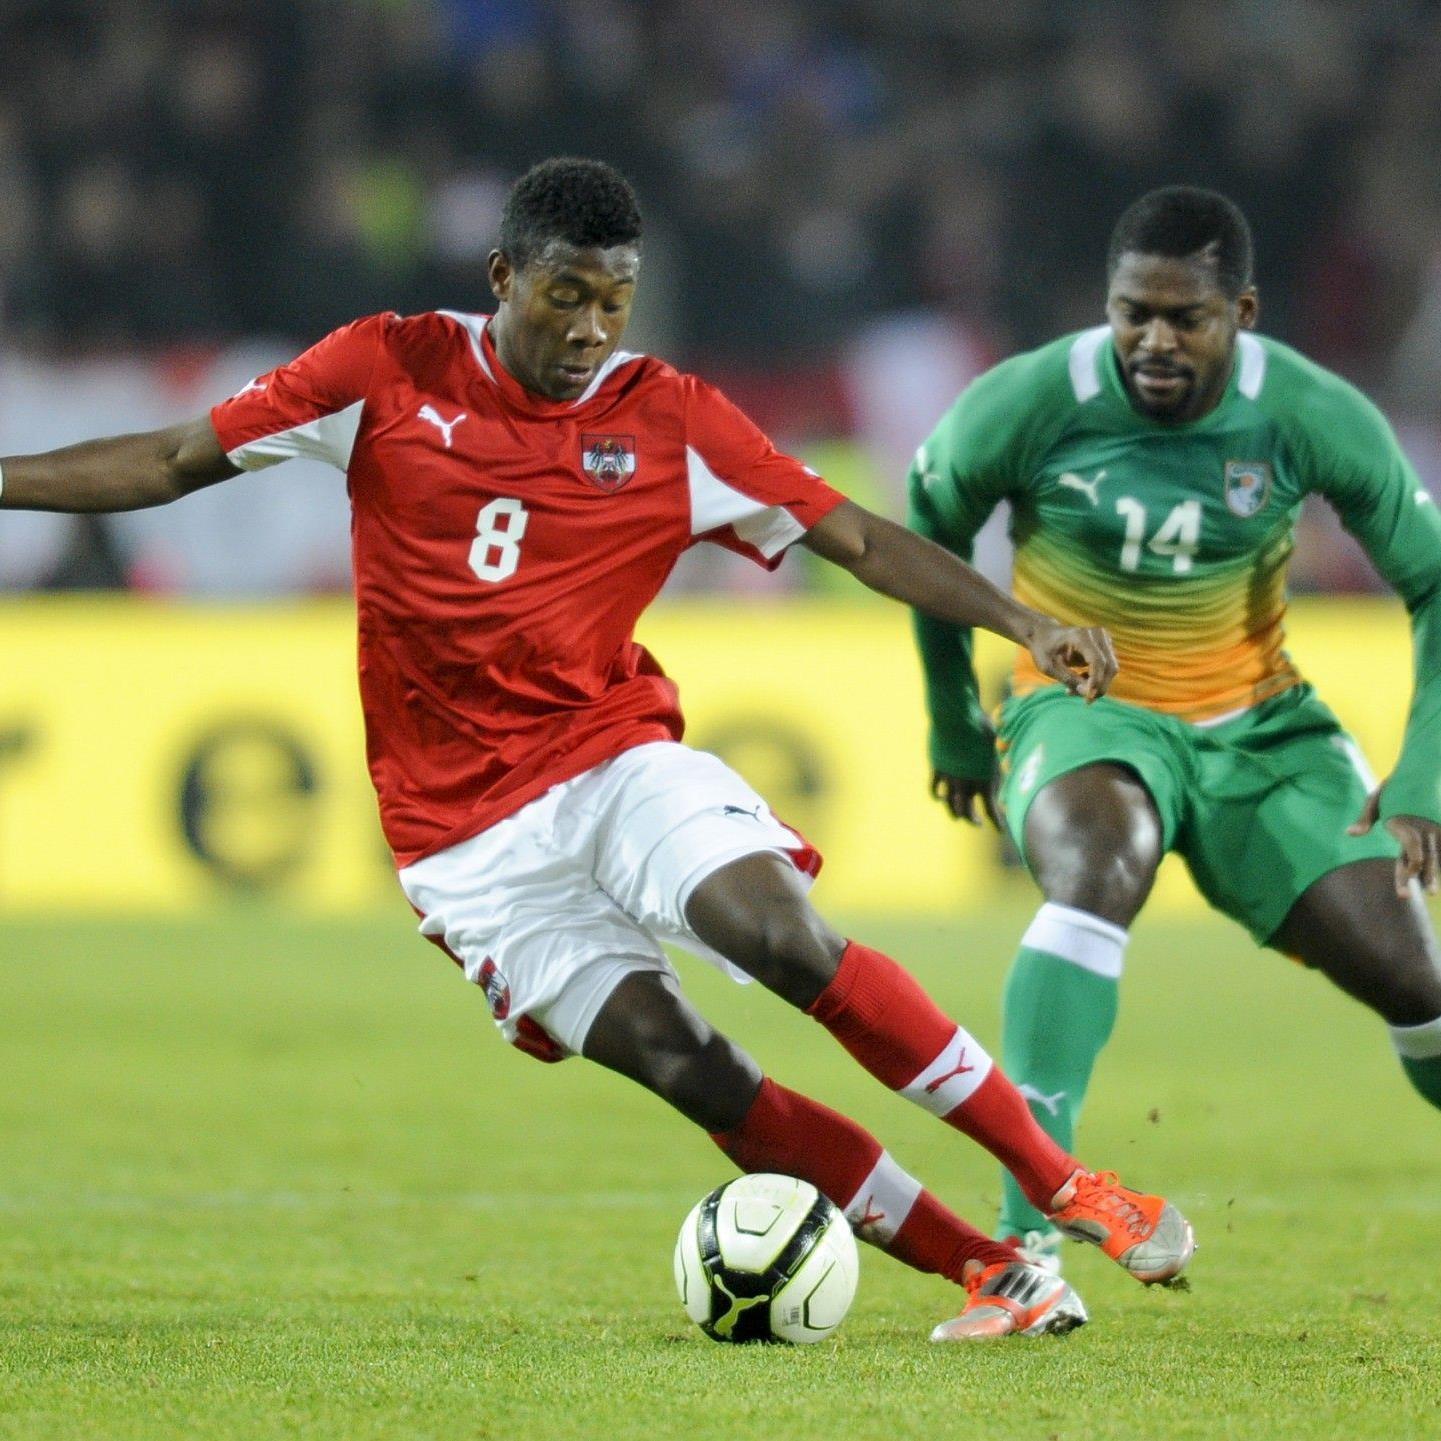 Auch David Alaba gelang es heute nicht, das Ruder gegen die Elfenbeinküste herumzureissen.